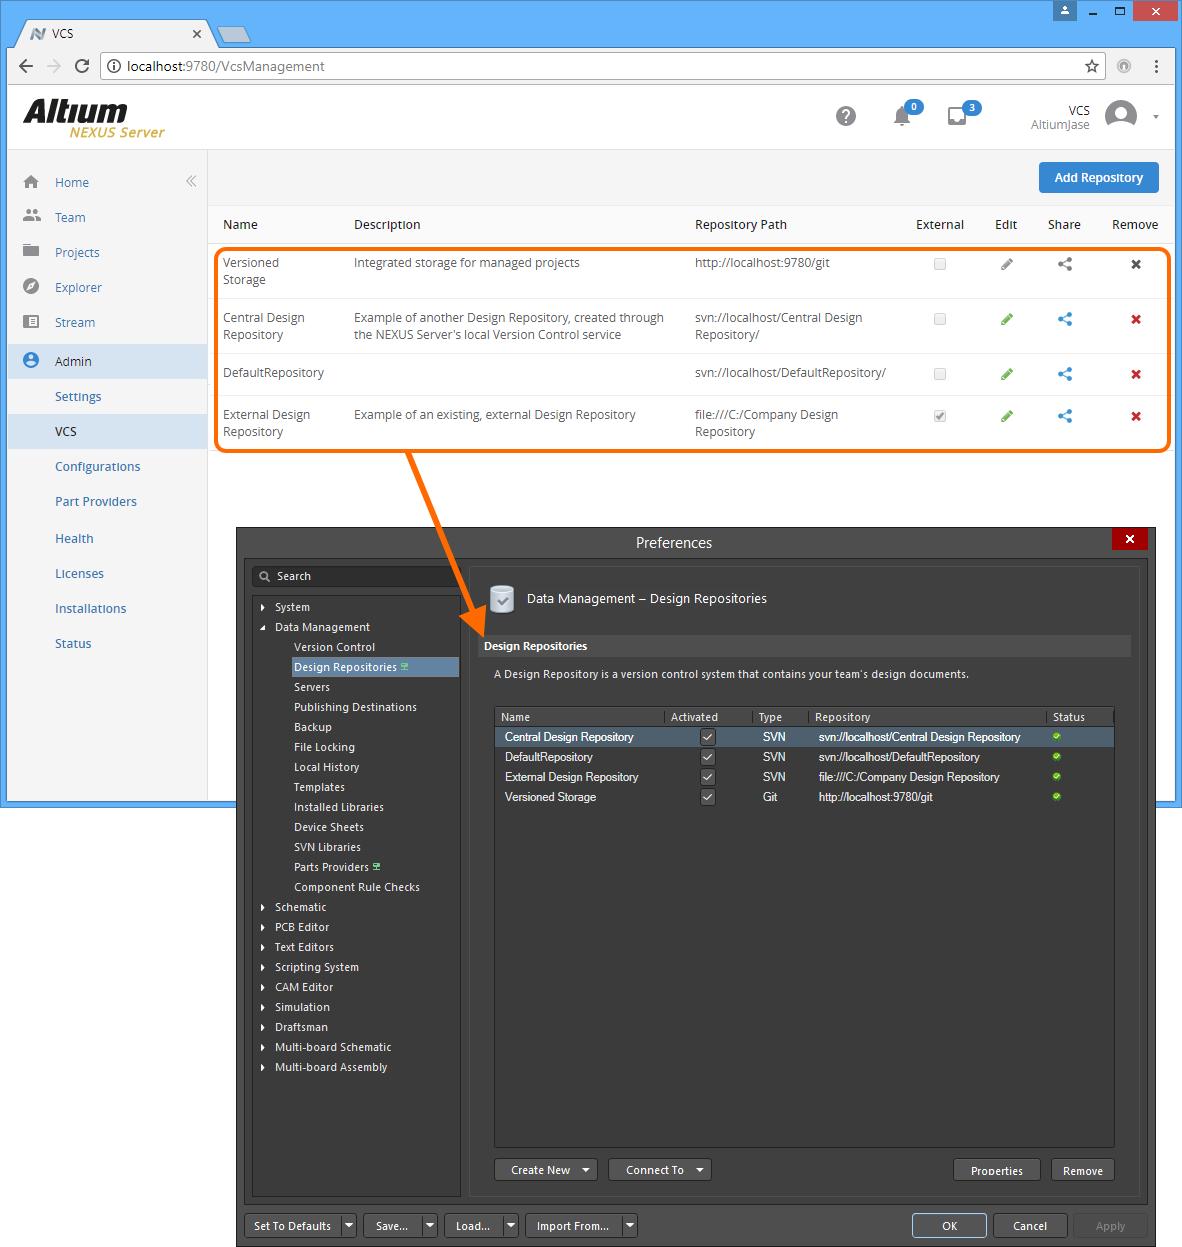 Local Version Control Service   Altium NEXUS 1 0 User Manual